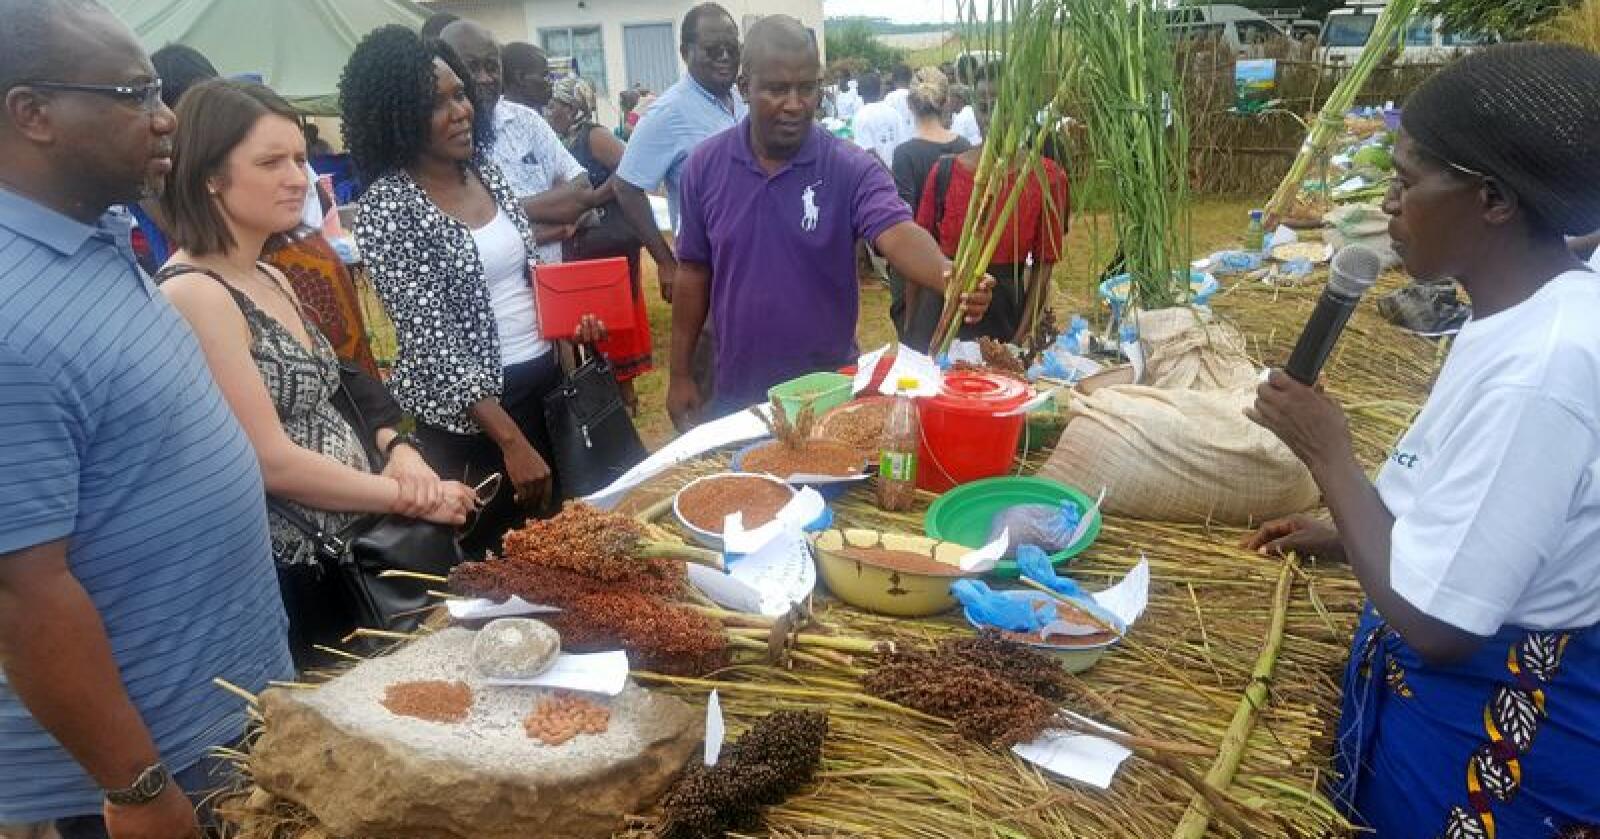 Utstilling: Statssekretær Hanne Maren Blåfjelldal i Landbruks- og matdepartementet deltok på en såvareutstilling i Malawi. Foto: Landbruks- og matdepartementet